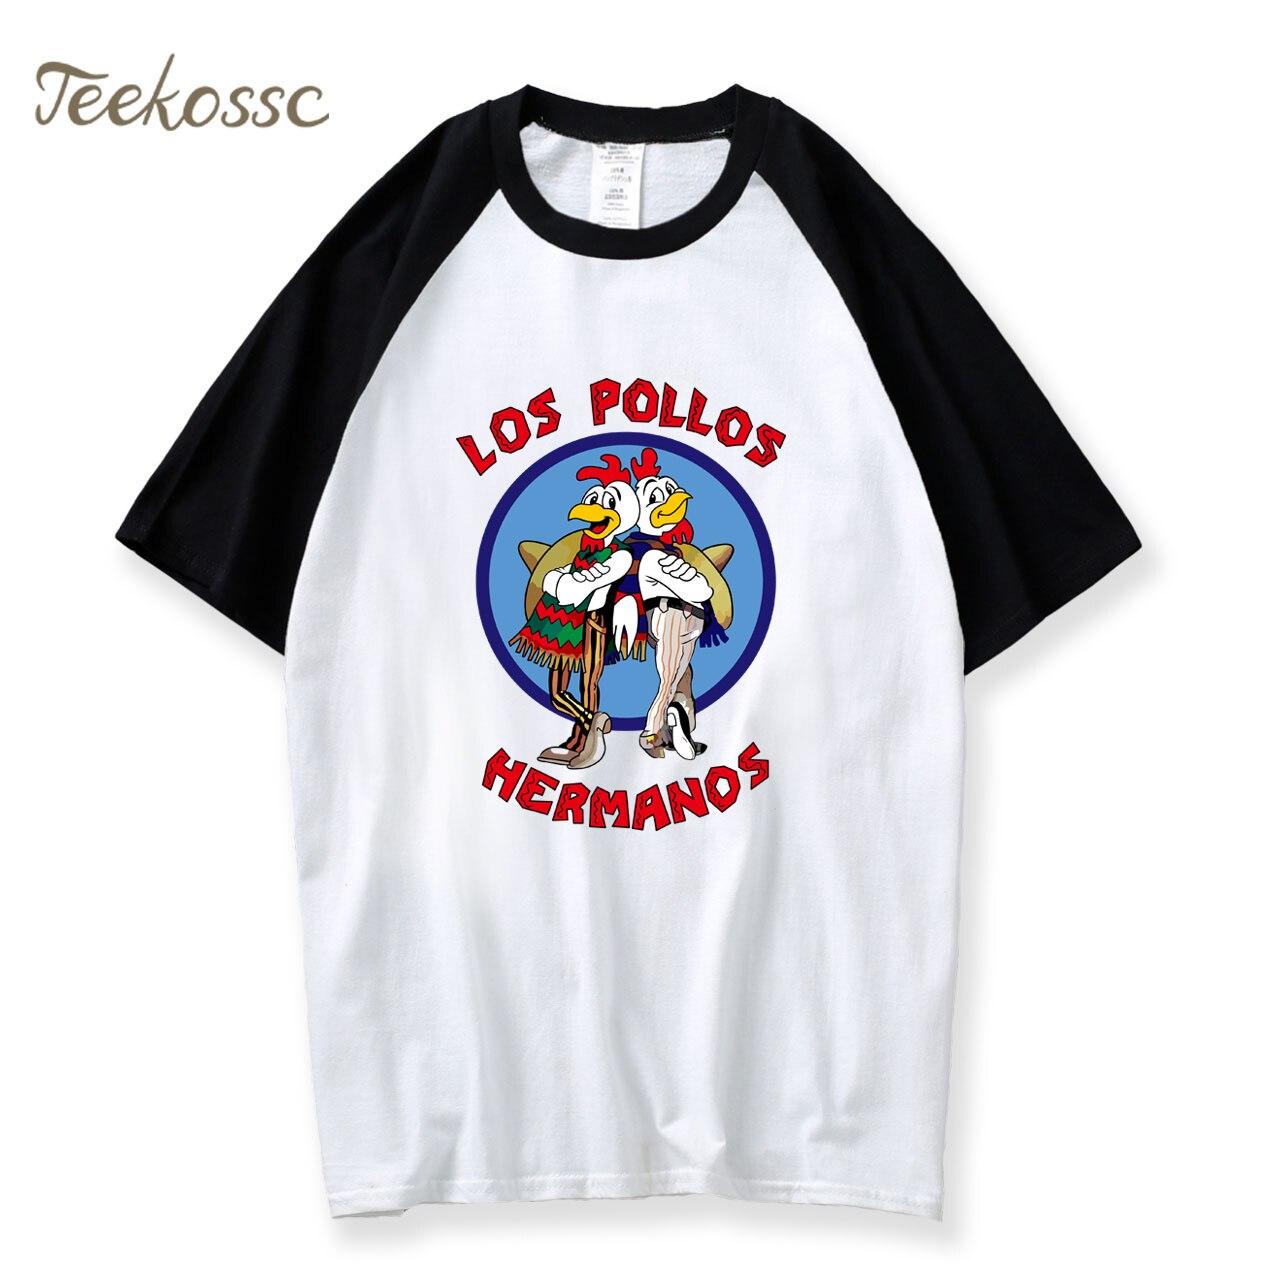 Breaking Bad T Shirt Men's LOS POLLOS Hermanos Tshirt Fashion Short Sleeve 2018 Summer Chicken Brothers T-Shirt Men Hipster Tops